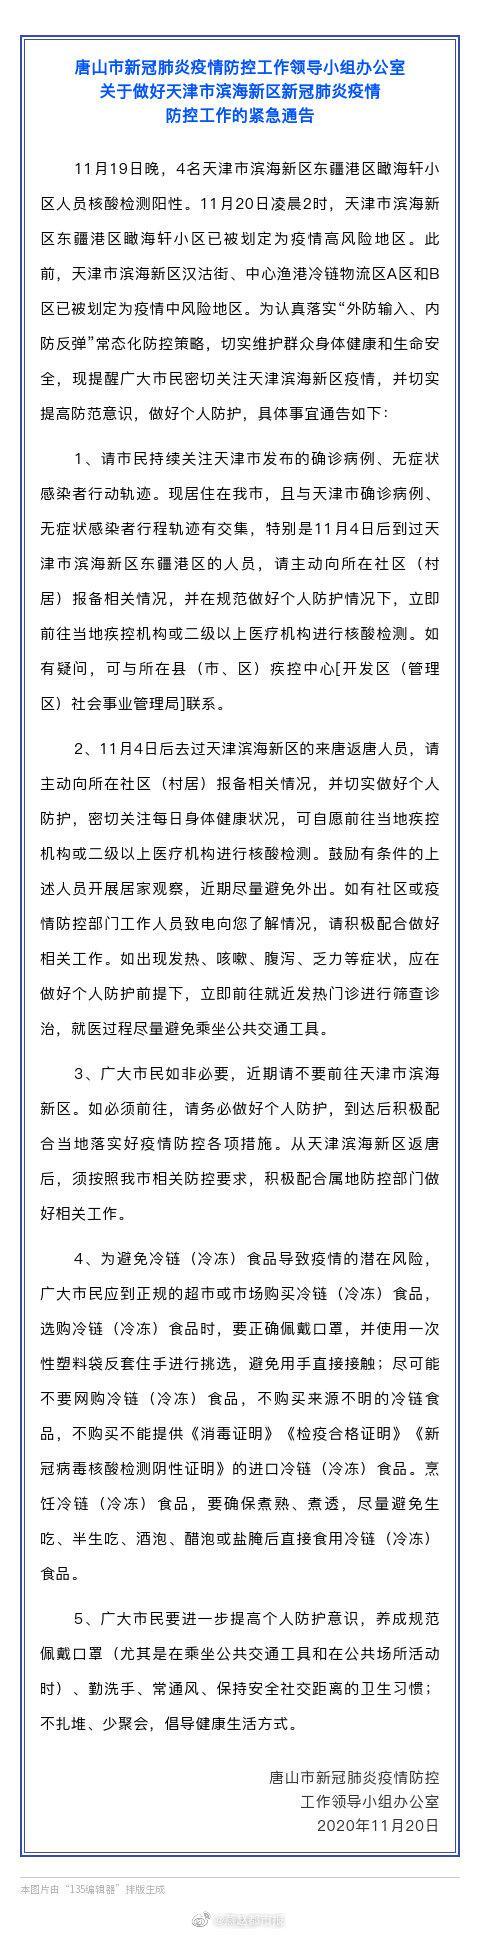 紧急通报!天津确诊病例曾前往河北购药就餐图片